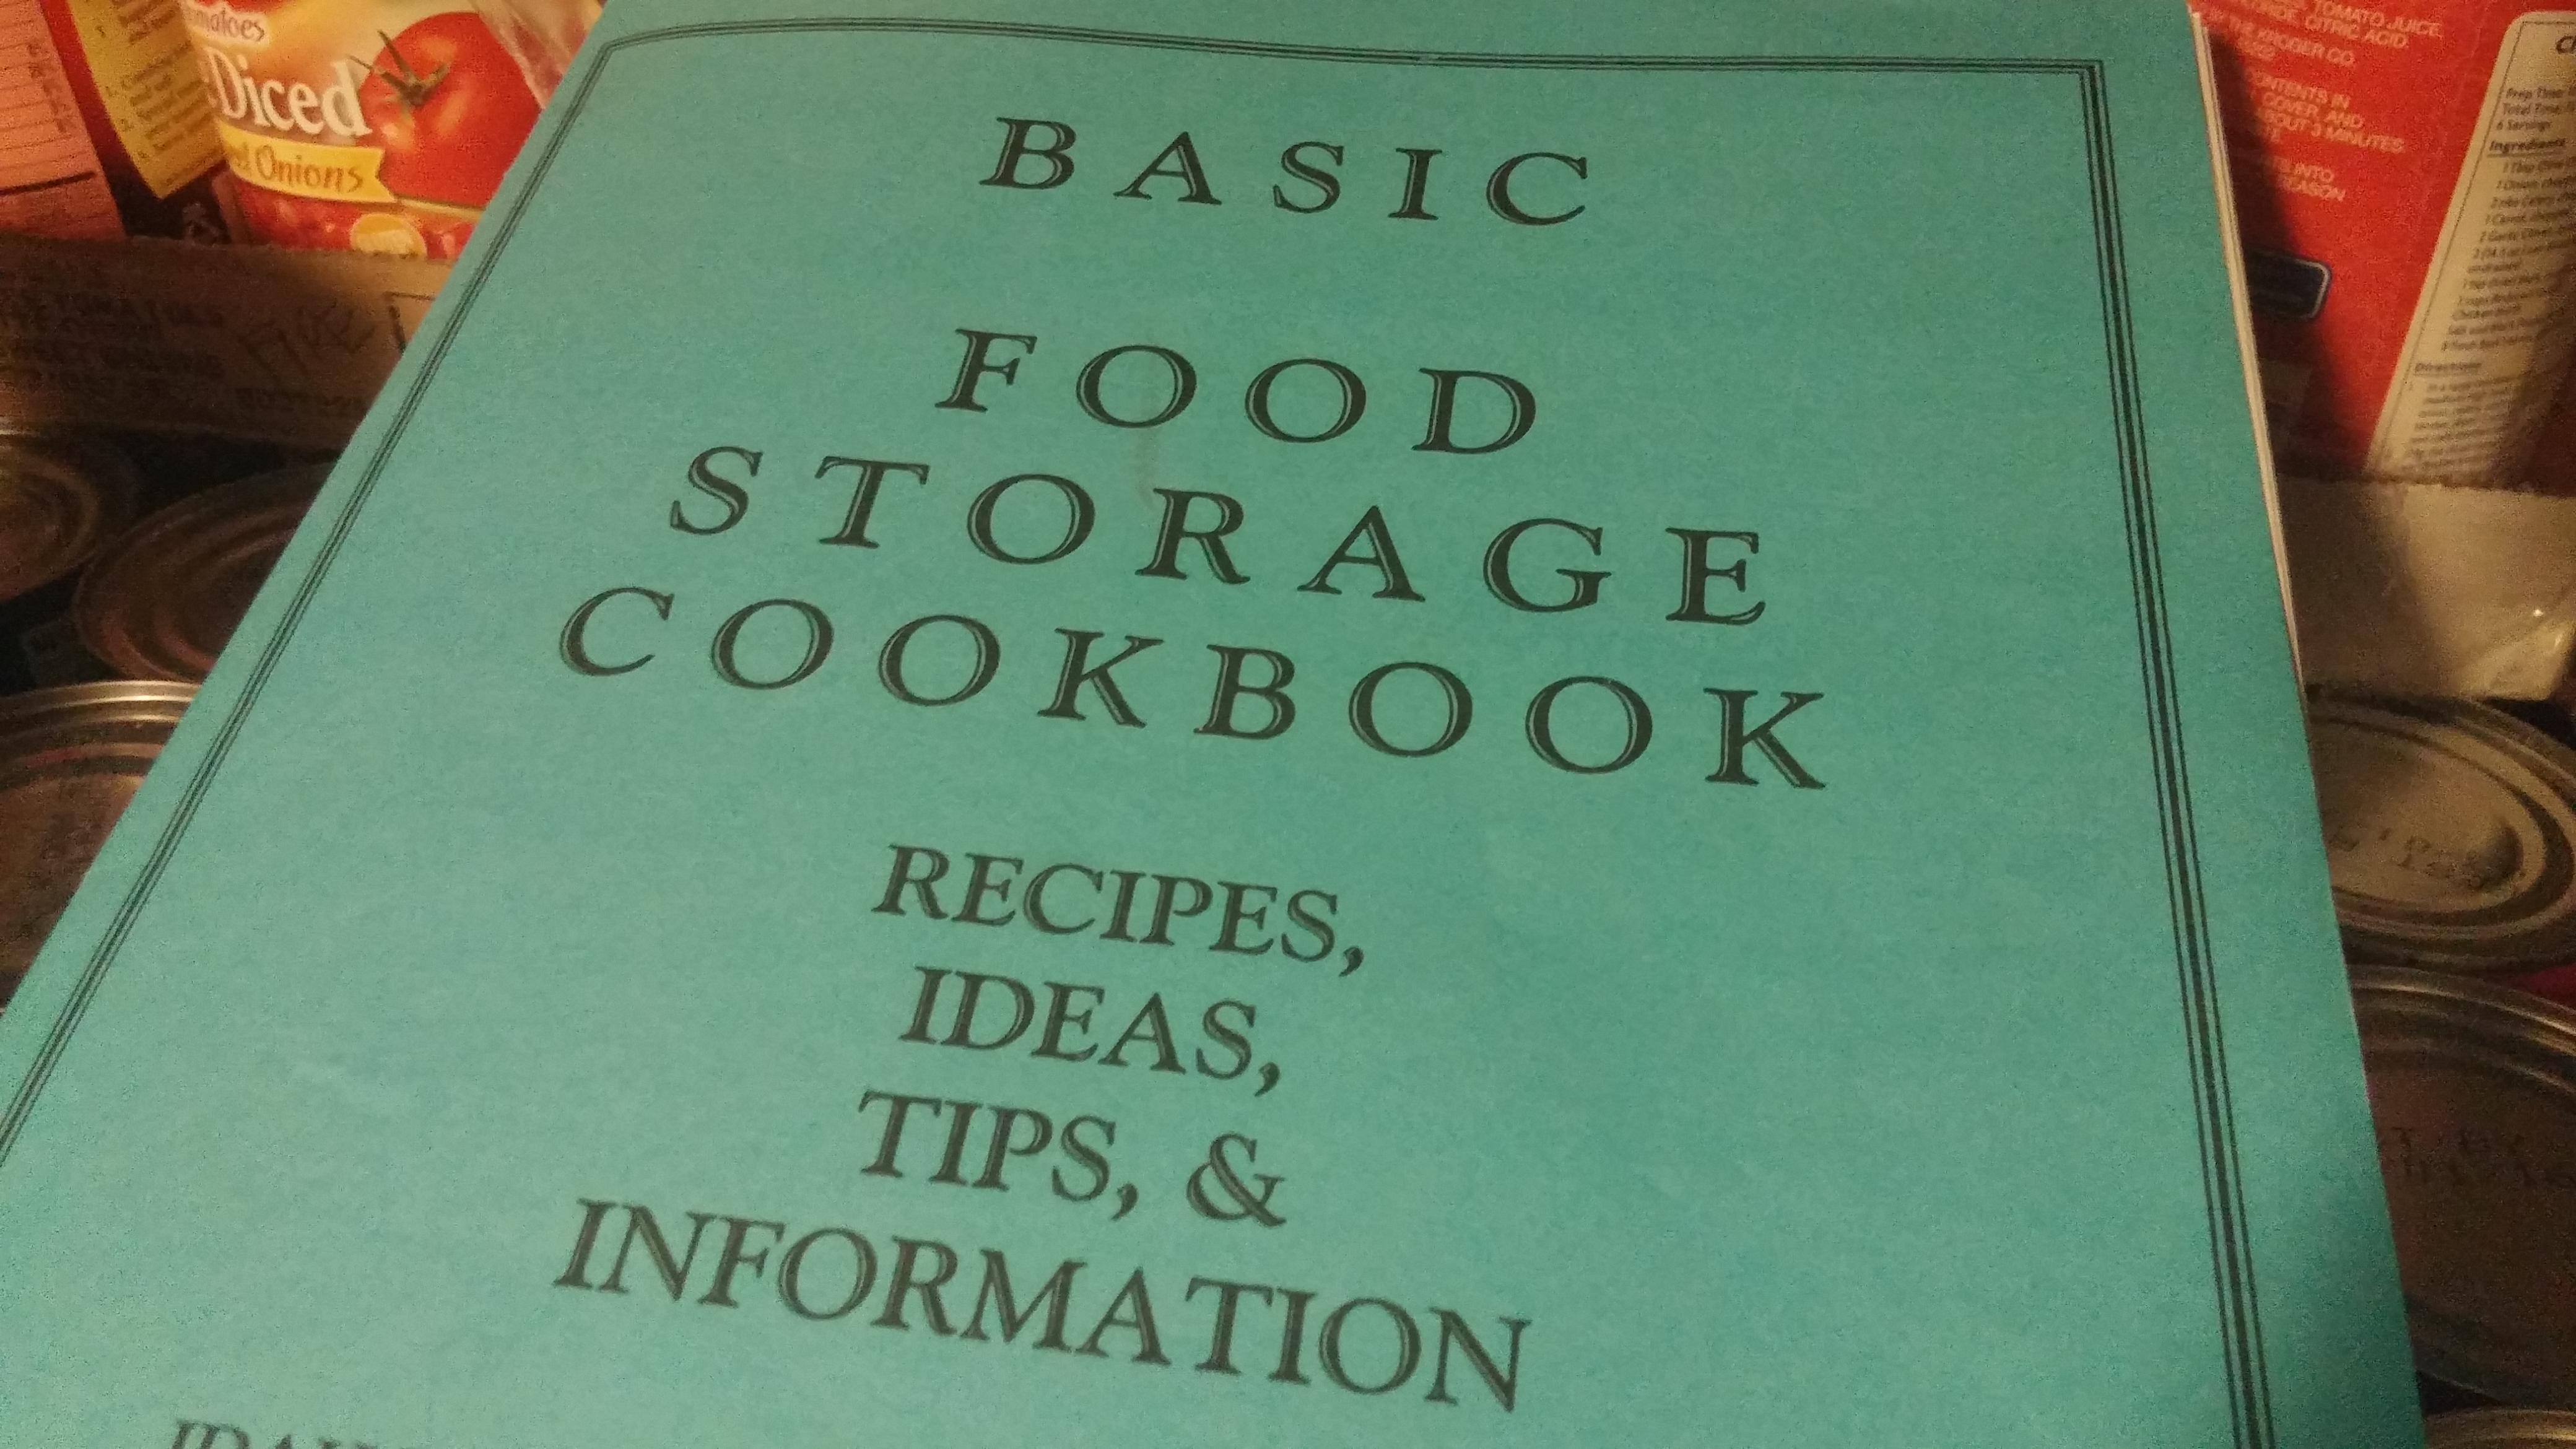 9 Printable Food Storage Cookbooks Pdf - Preppers Survive - Free Printable Cookbooks Pdf